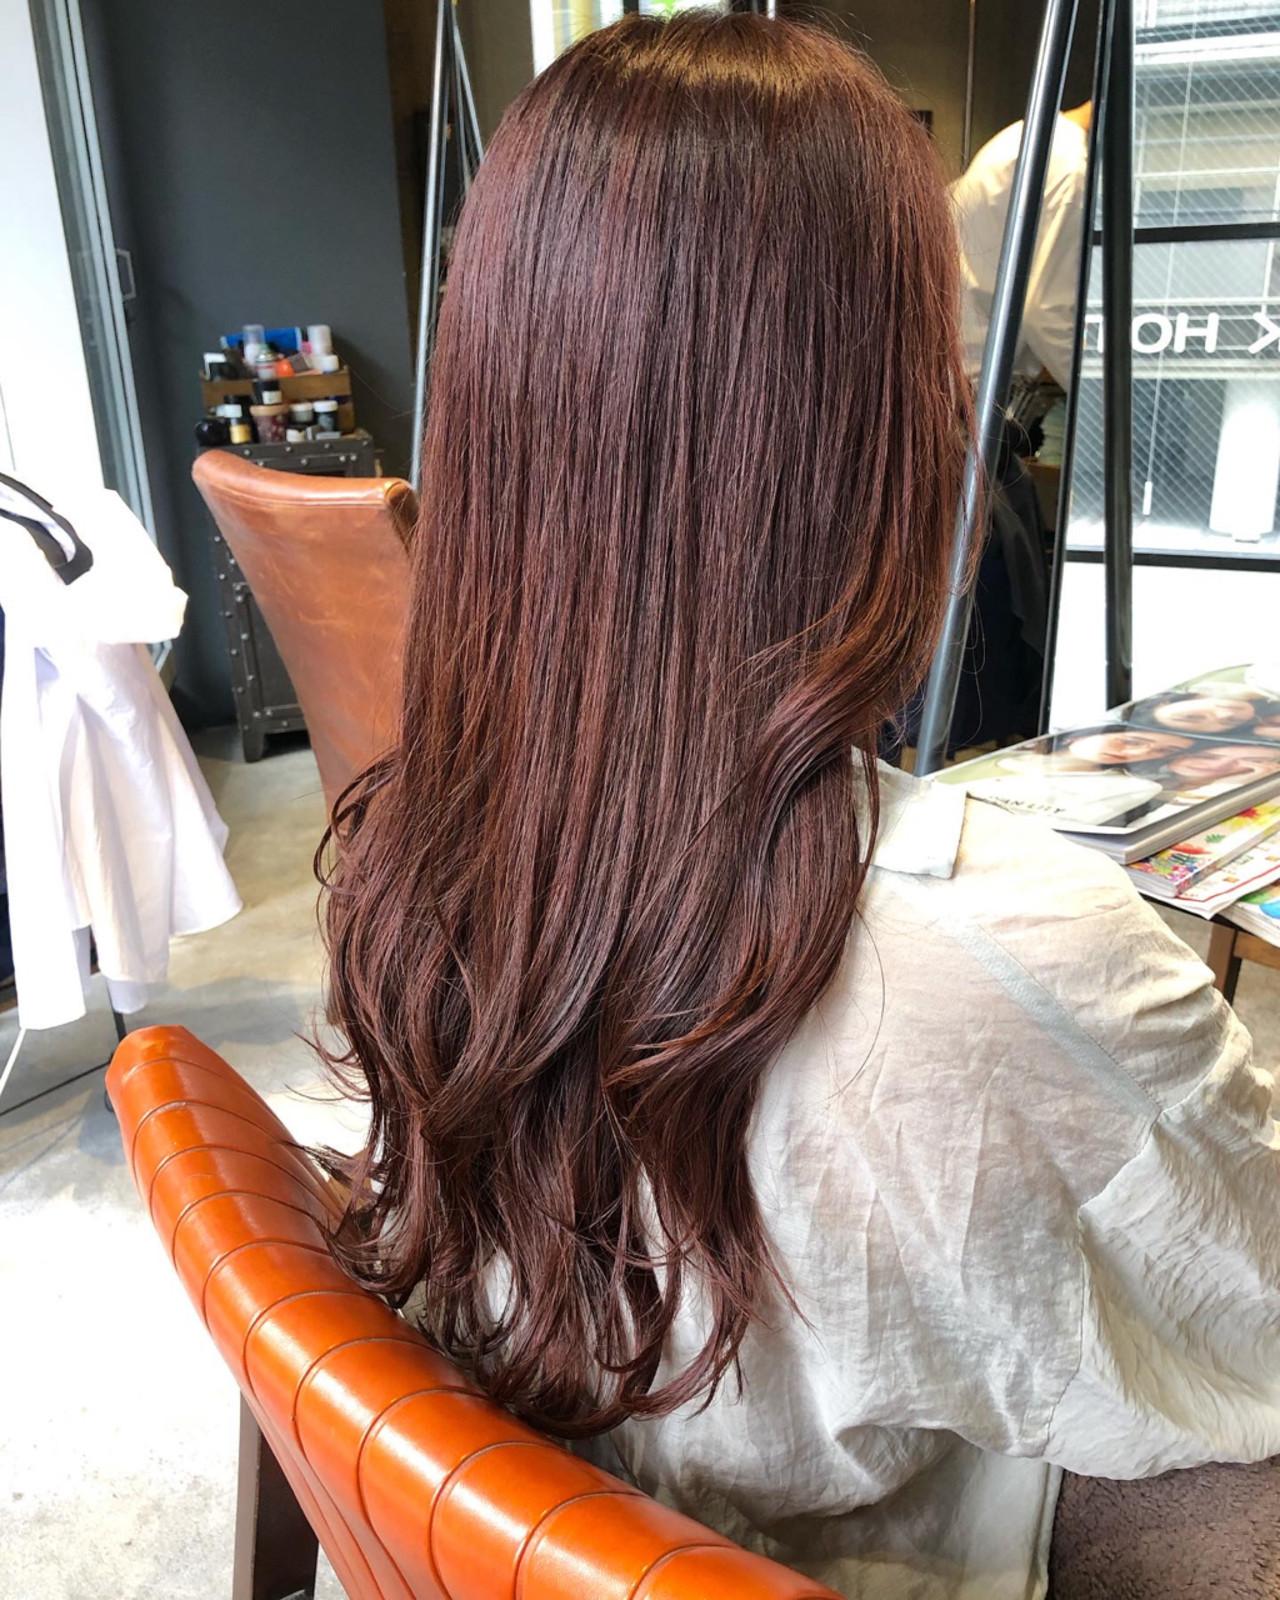 チェリーレッド ガーリー 韓国ヘア レッドカラー ヘアスタイルや髪型の写真・画像